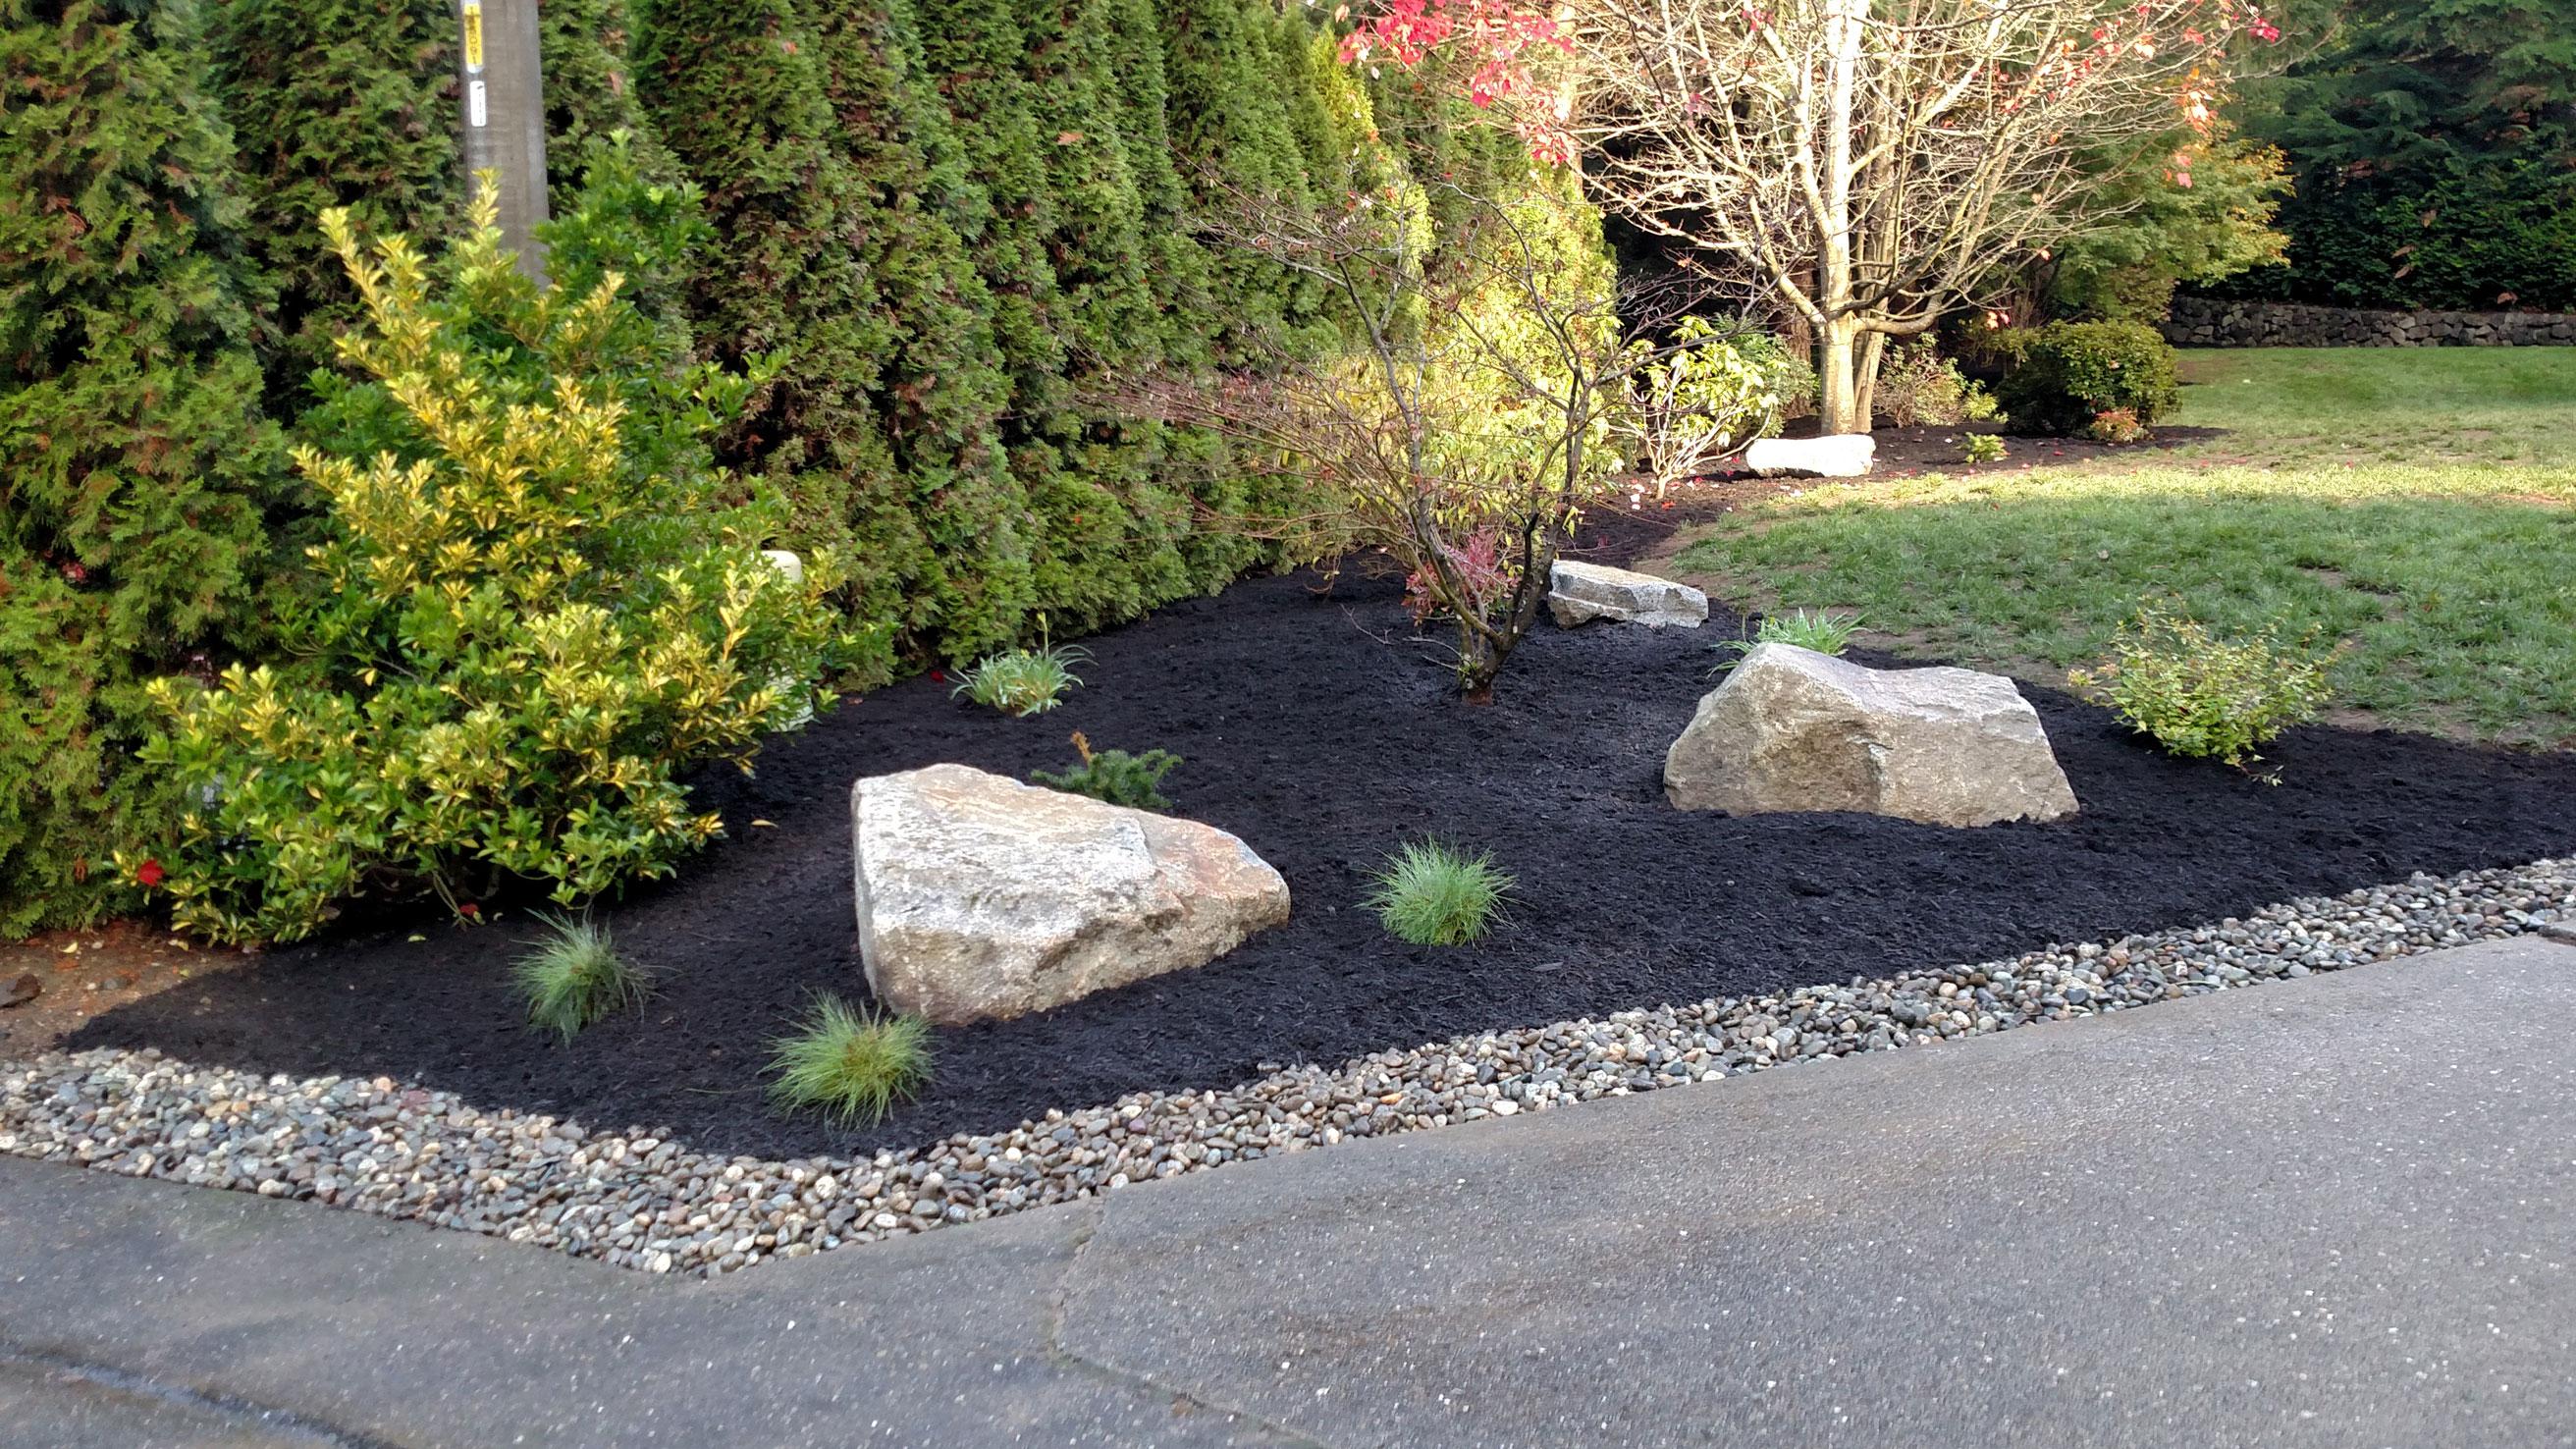 Bed renovation bremerton brookside landscape design for Landscaping rocks kitsap county